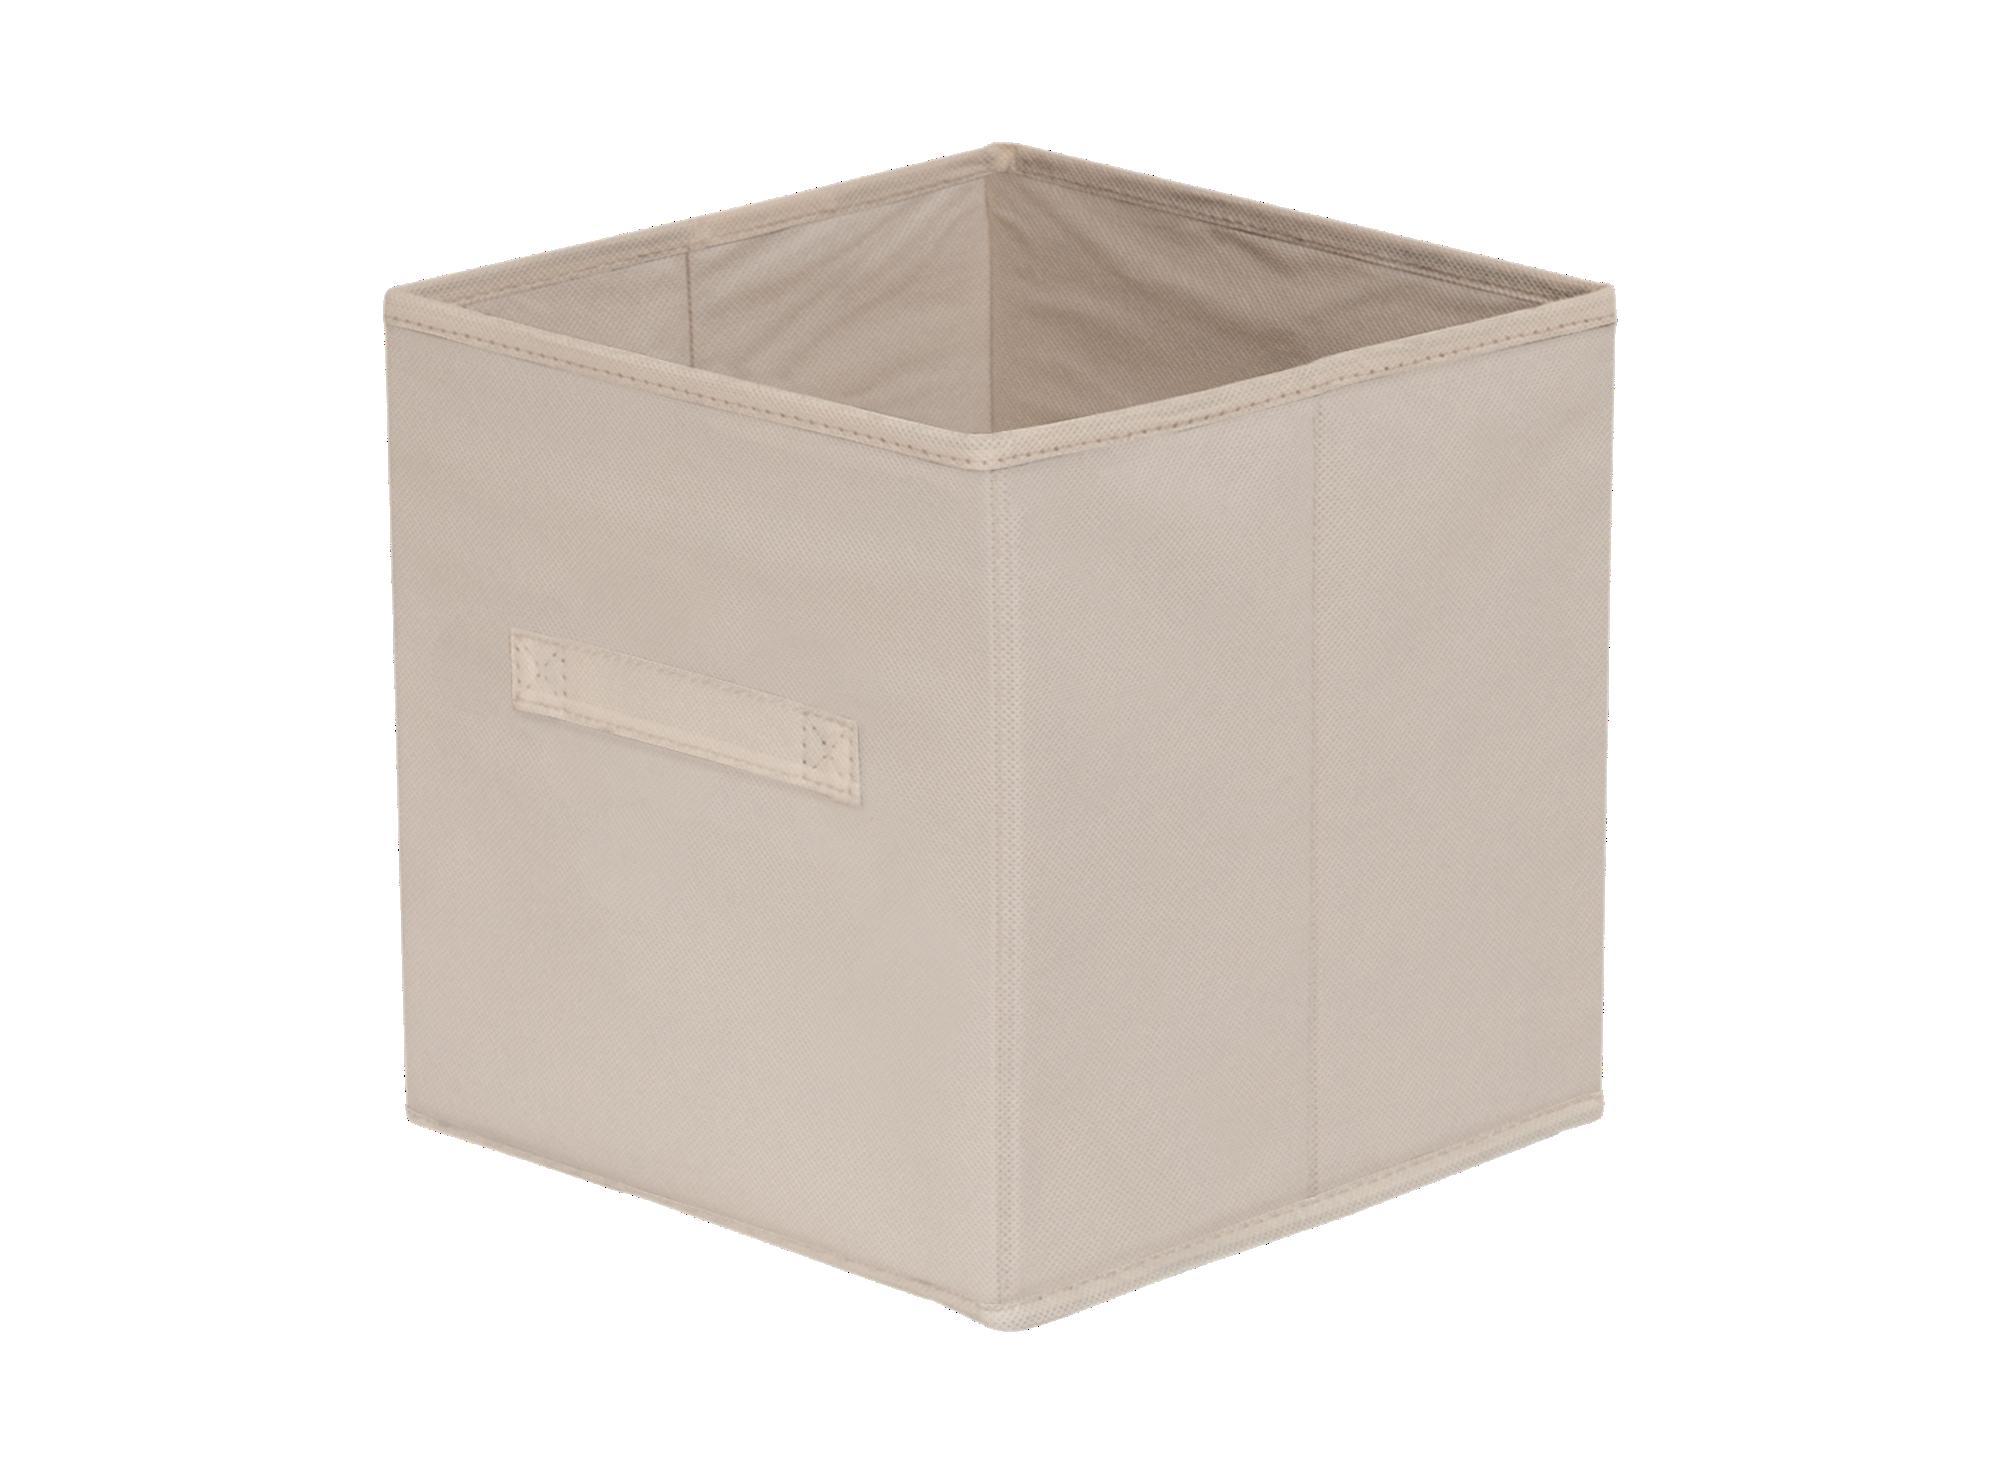 boite rangement ficelle blanc accessoire de rangement rangement d coration fly. Black Bedroom Furniture Sets. Home Design Ideas